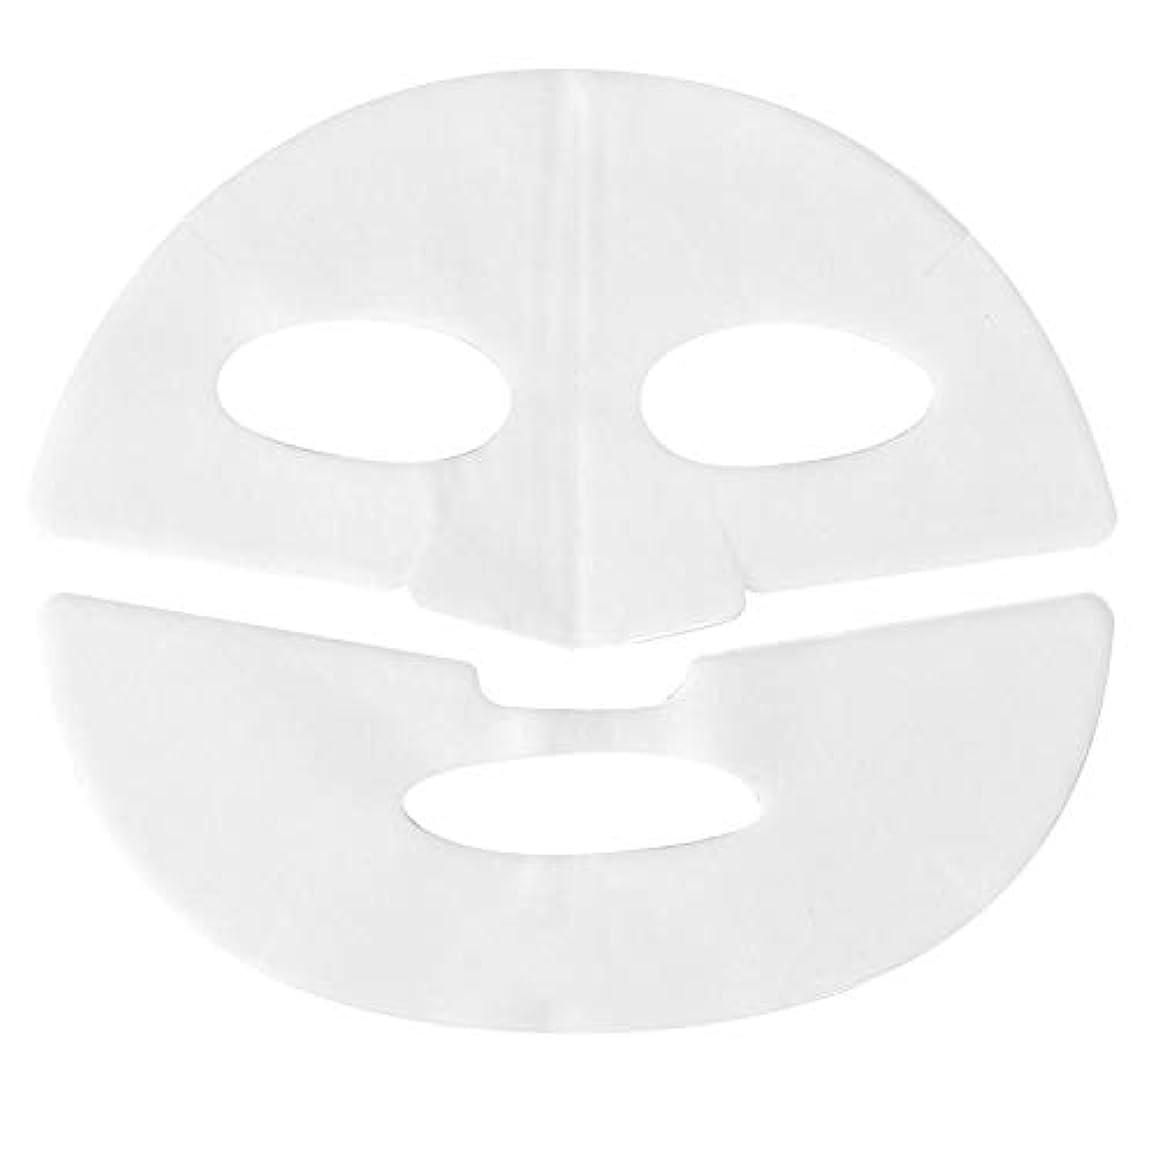 絶えず識字分布10 PCS痩身マスク - 水分補給用V字型マスク、保湿マスク - 首とあごのリフト、アンチエイジング、しわを軽減